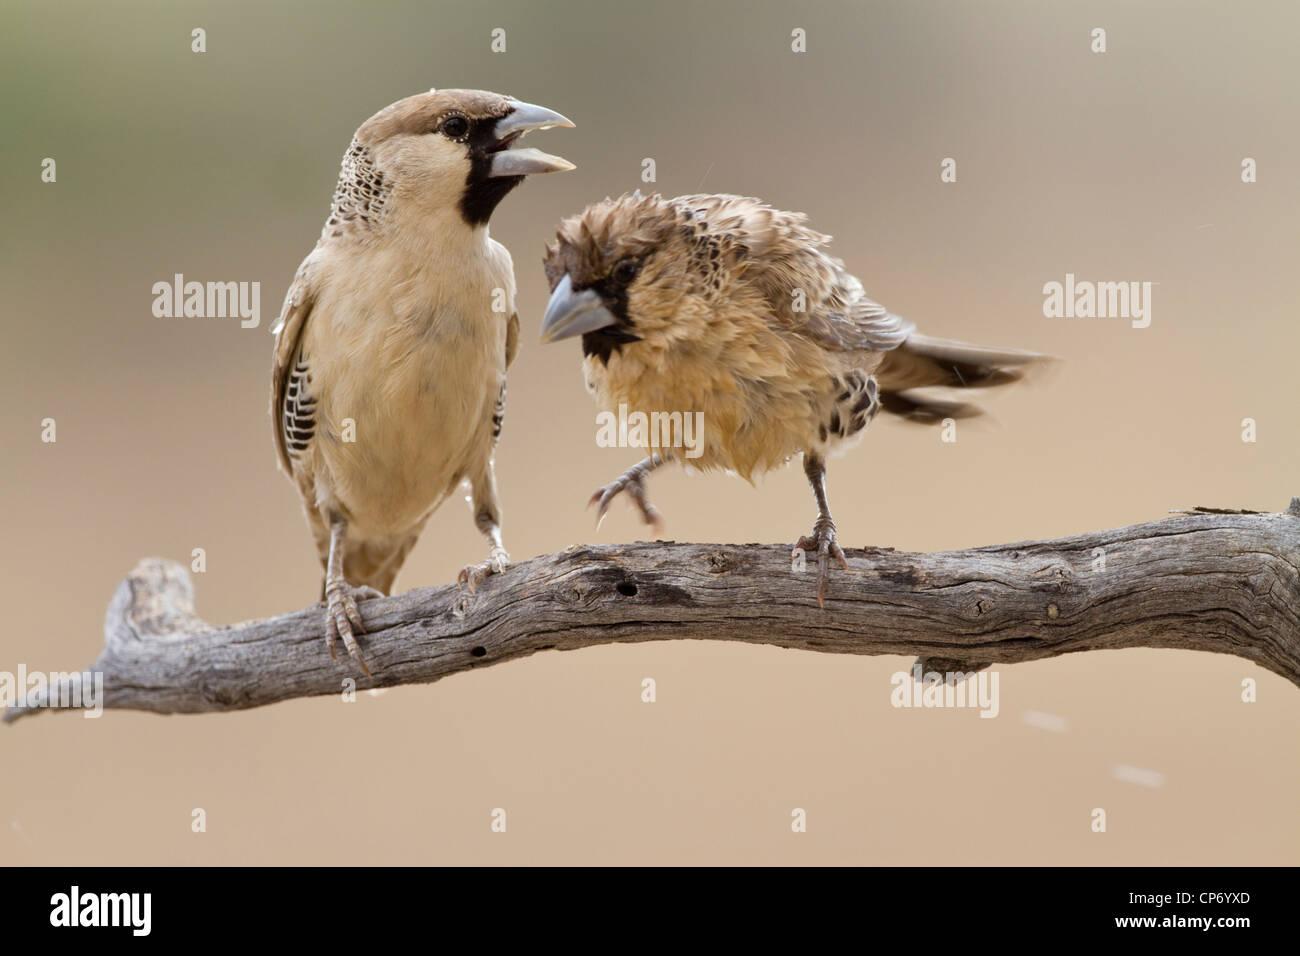 Zwei geselligen Webervögel auf einem Ast nass einer von einer frischen Vogelbad Stockbild